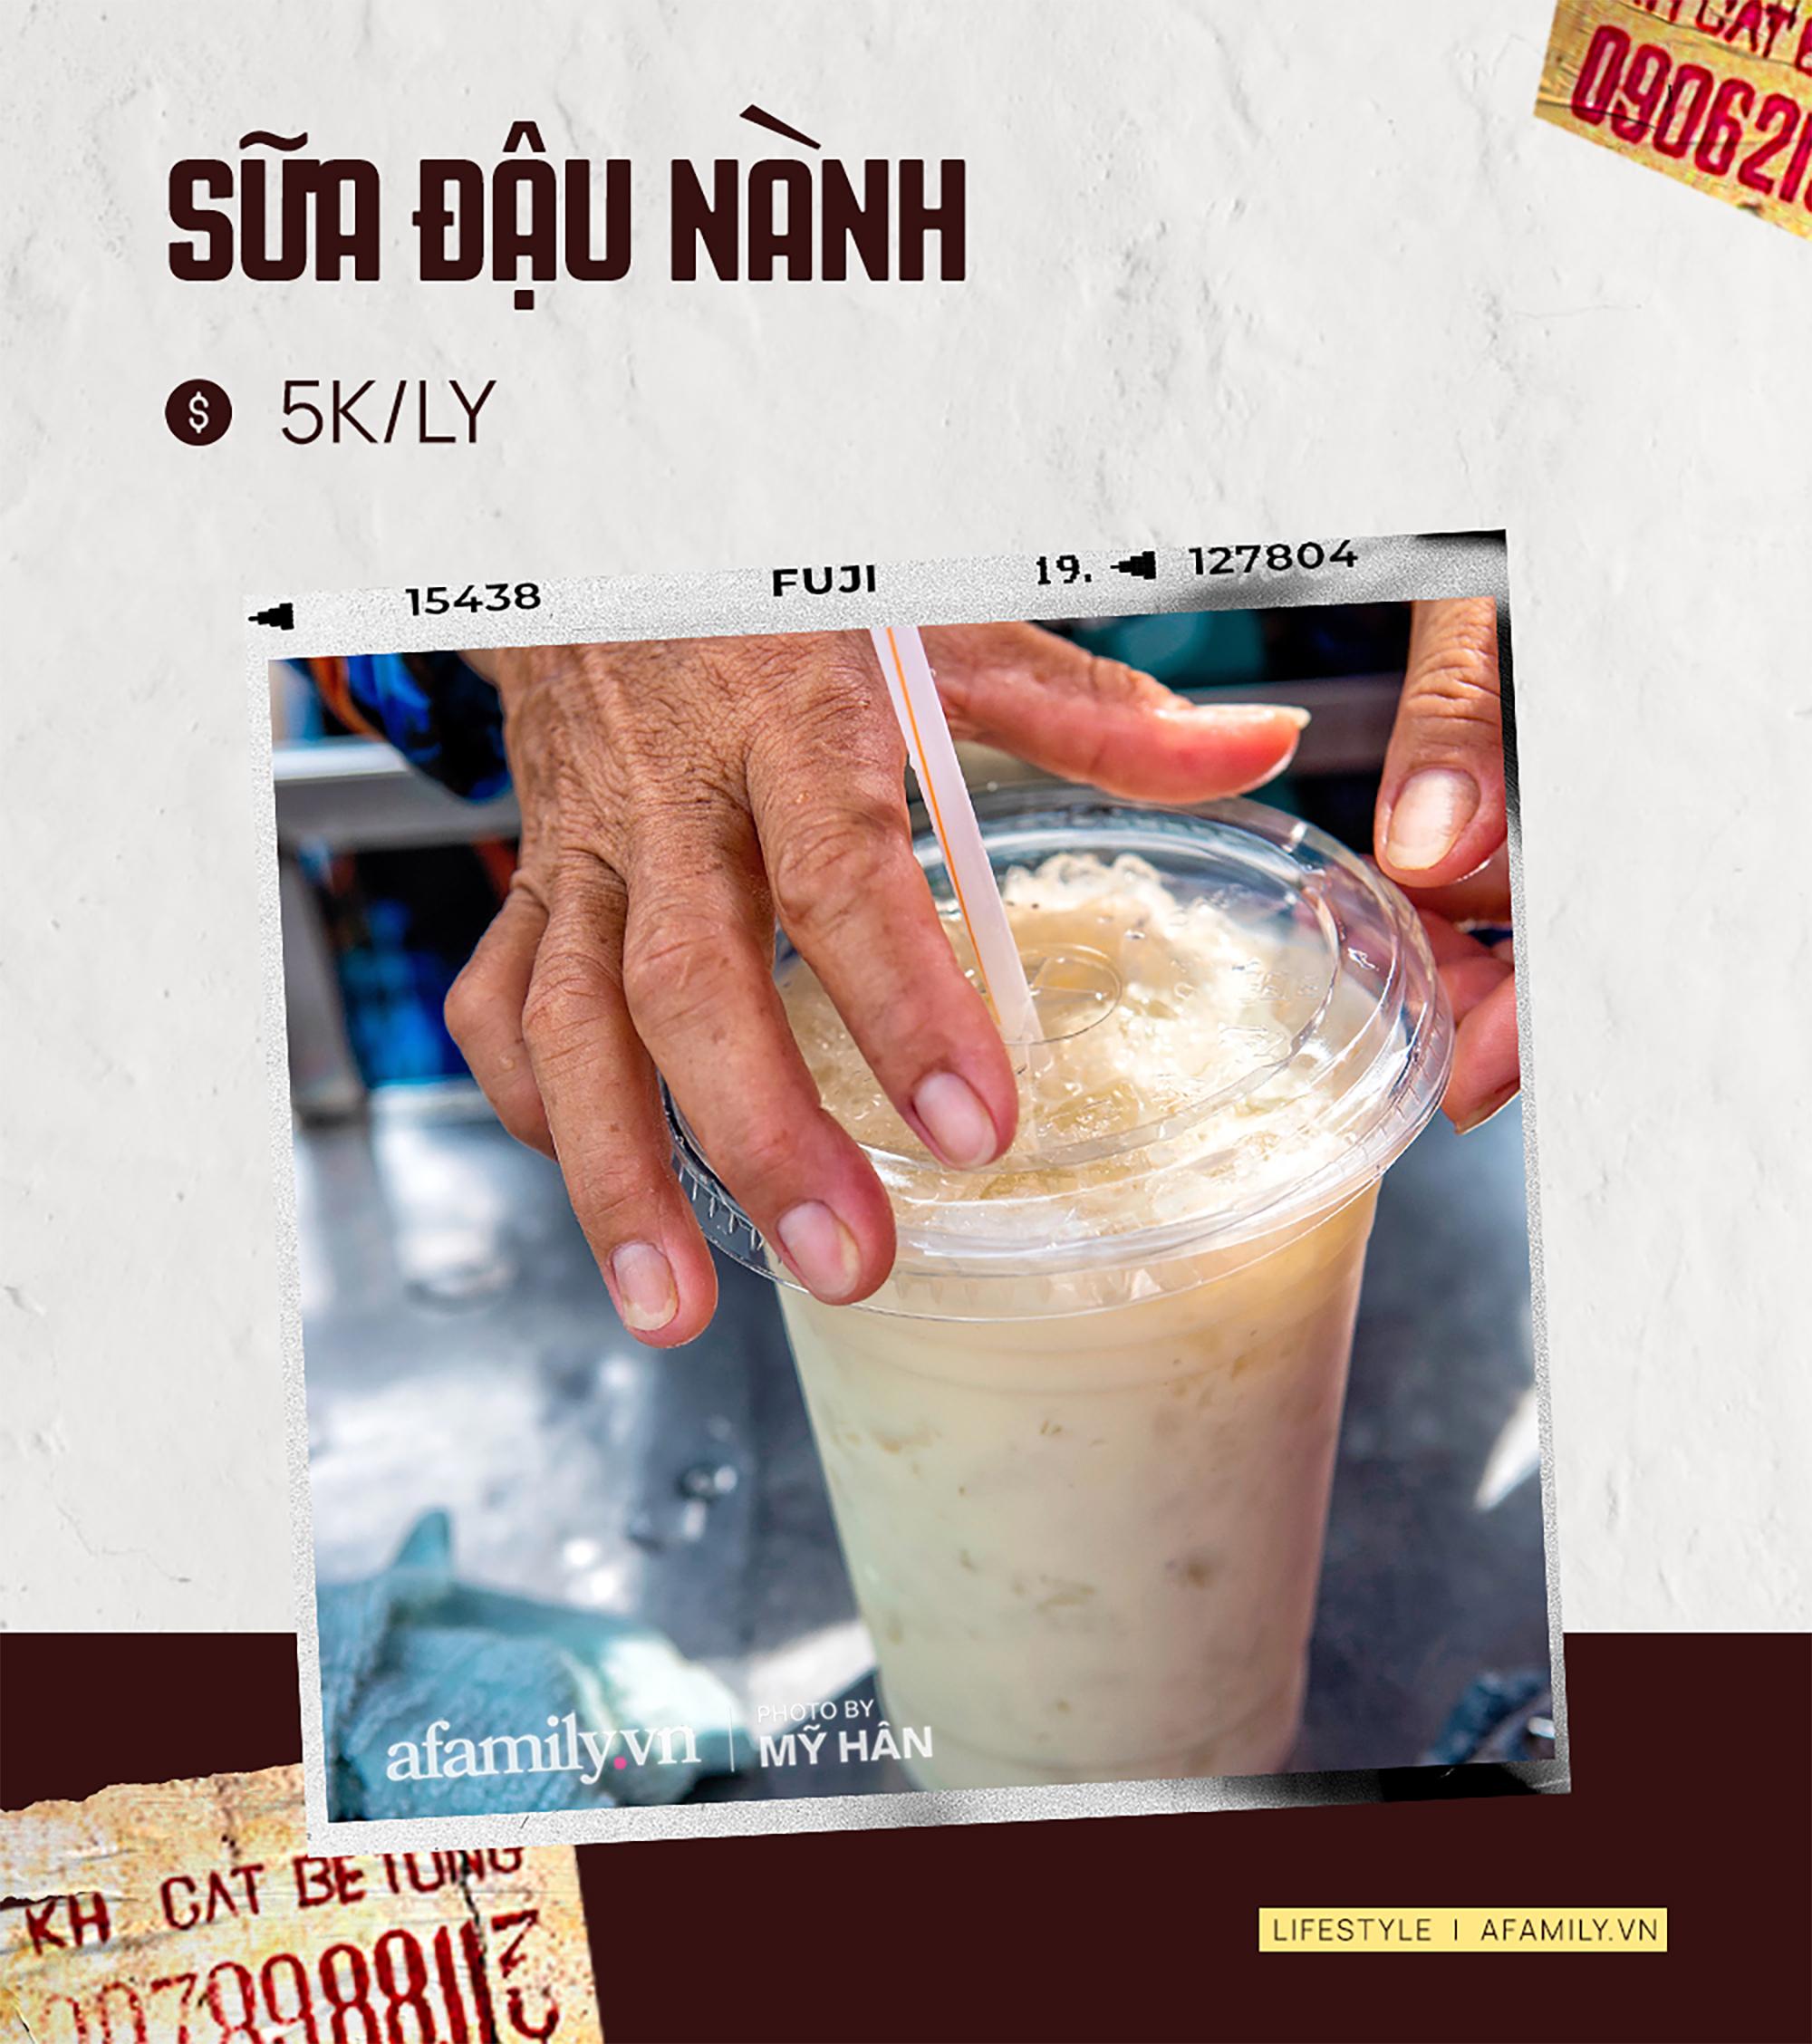 """""""Choáng"""" với bảng giá loạt món ăn tại một tỉnh ở miền Tây, nơi vừa được công bố là có mức sống thấp nhất Việt Nam! - Ảnh 13."""